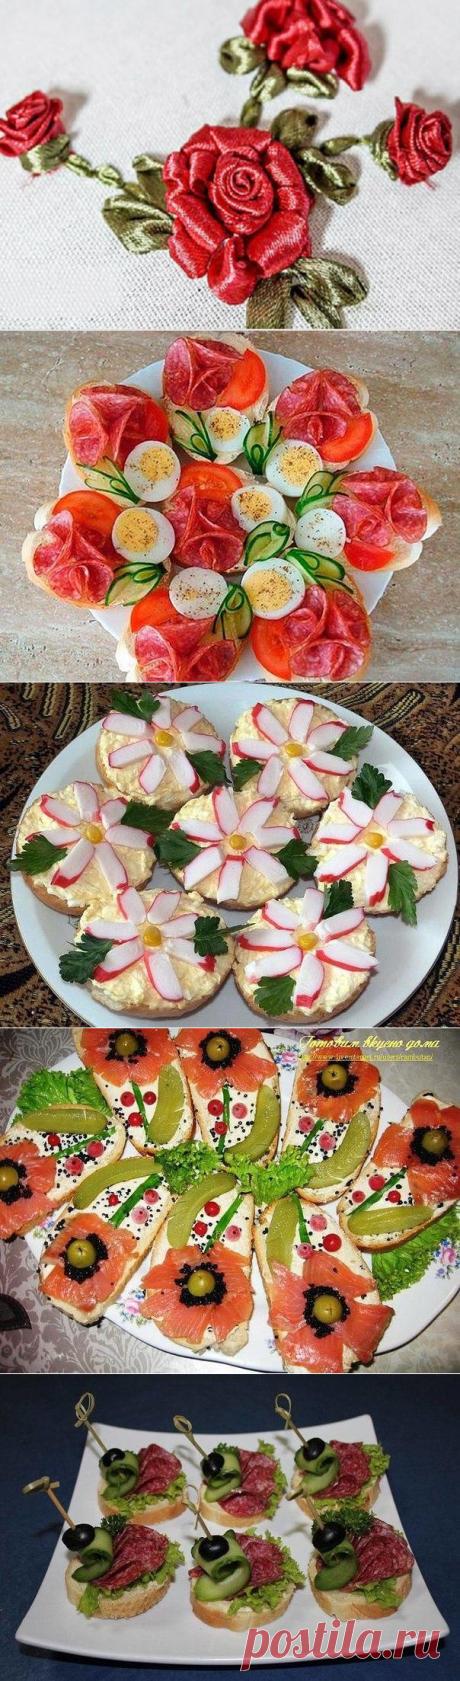 Оригинальные бутерброды, идеи